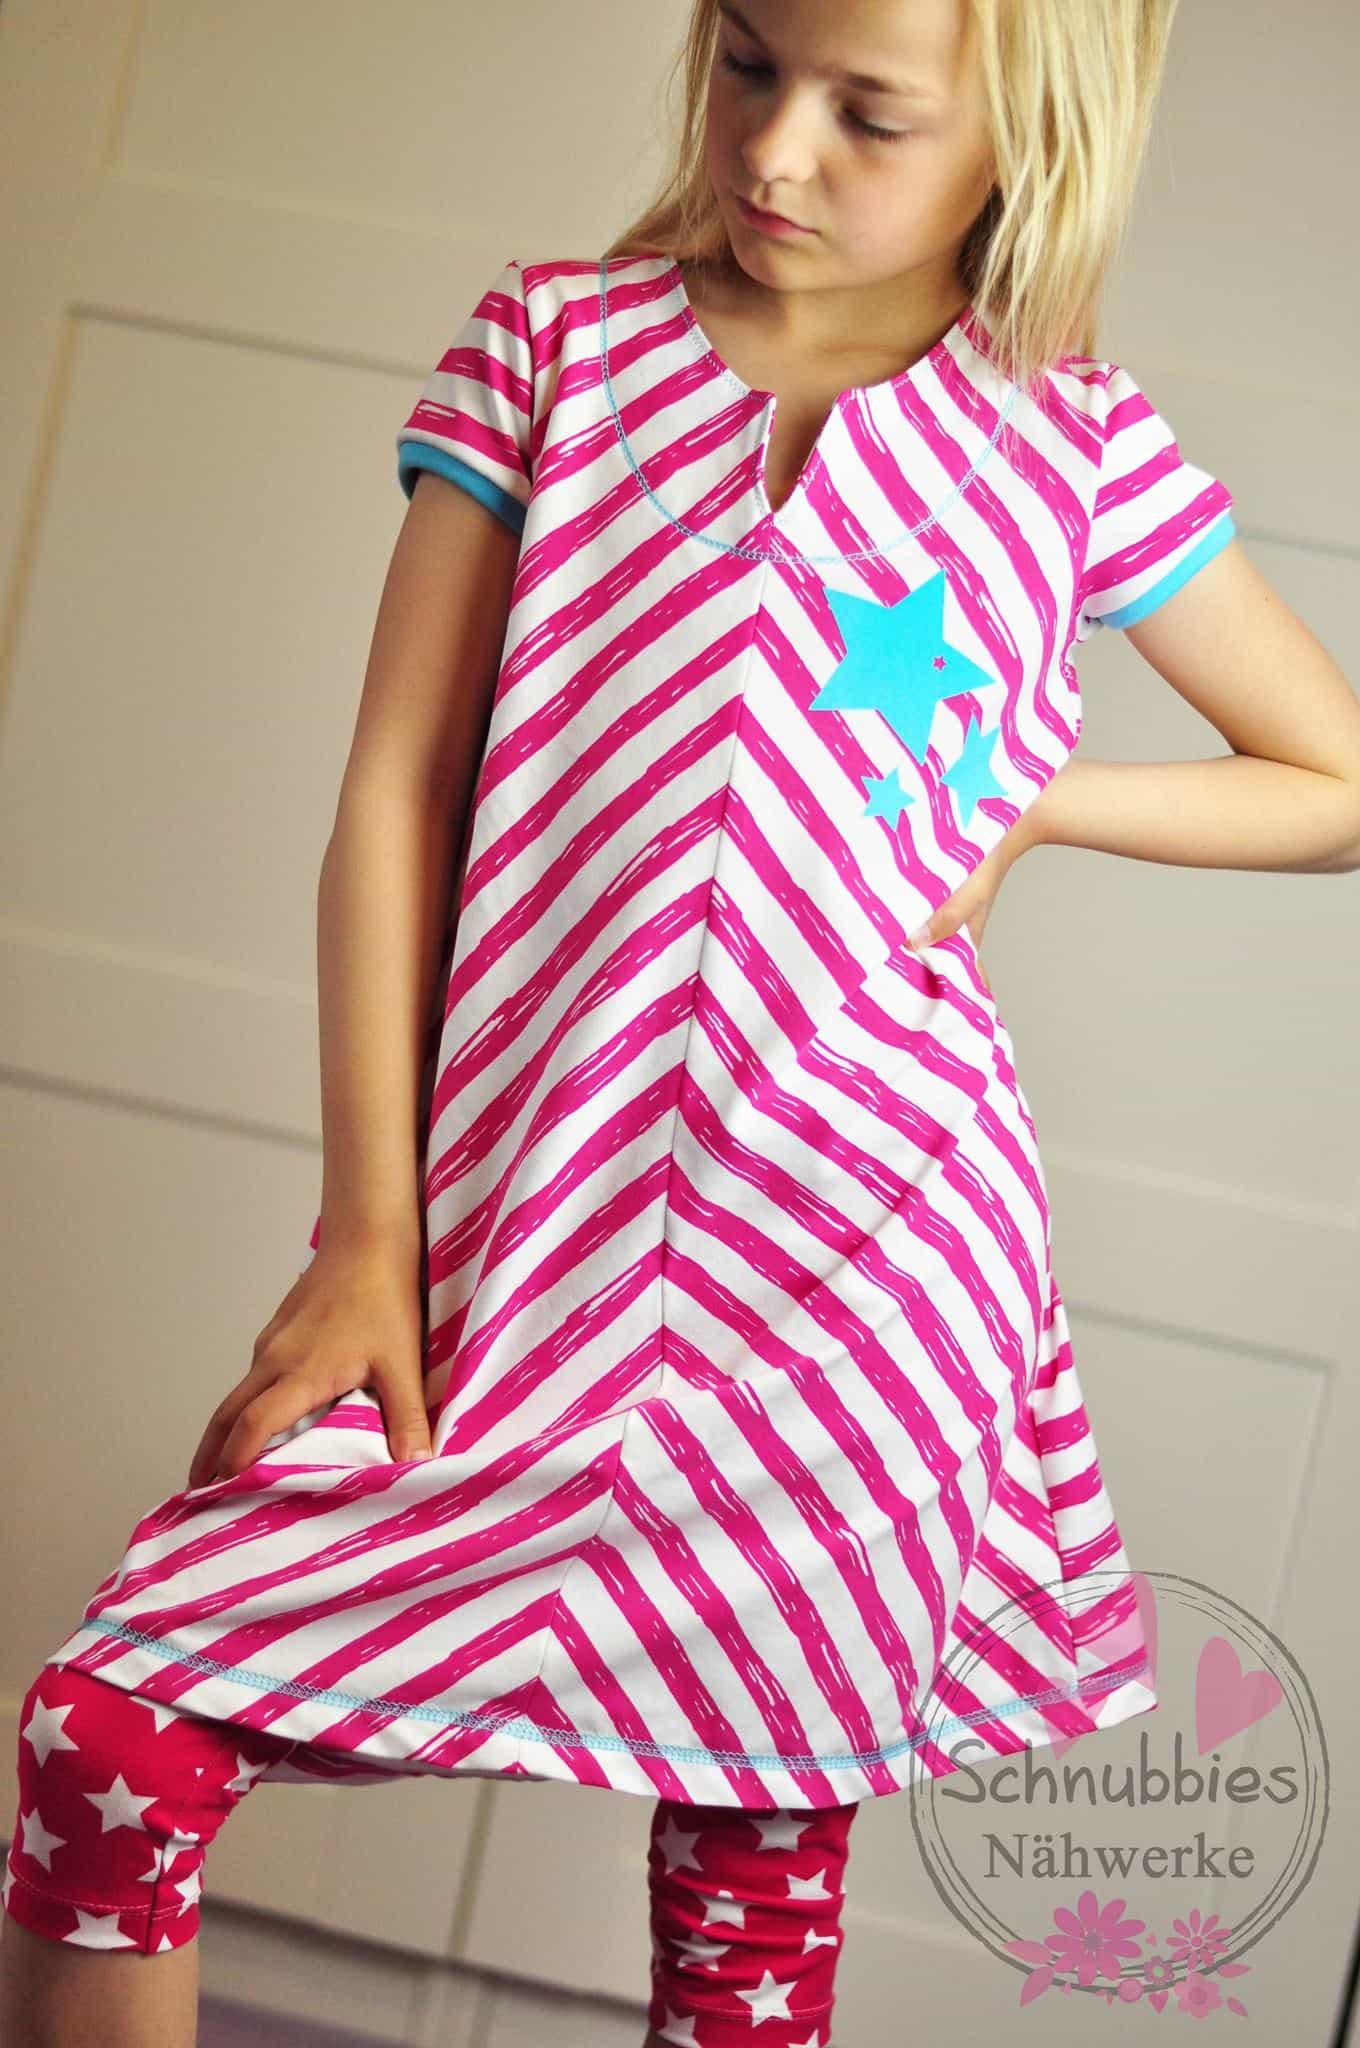 schräg gestreiftes Kleid nähen für Mädchen